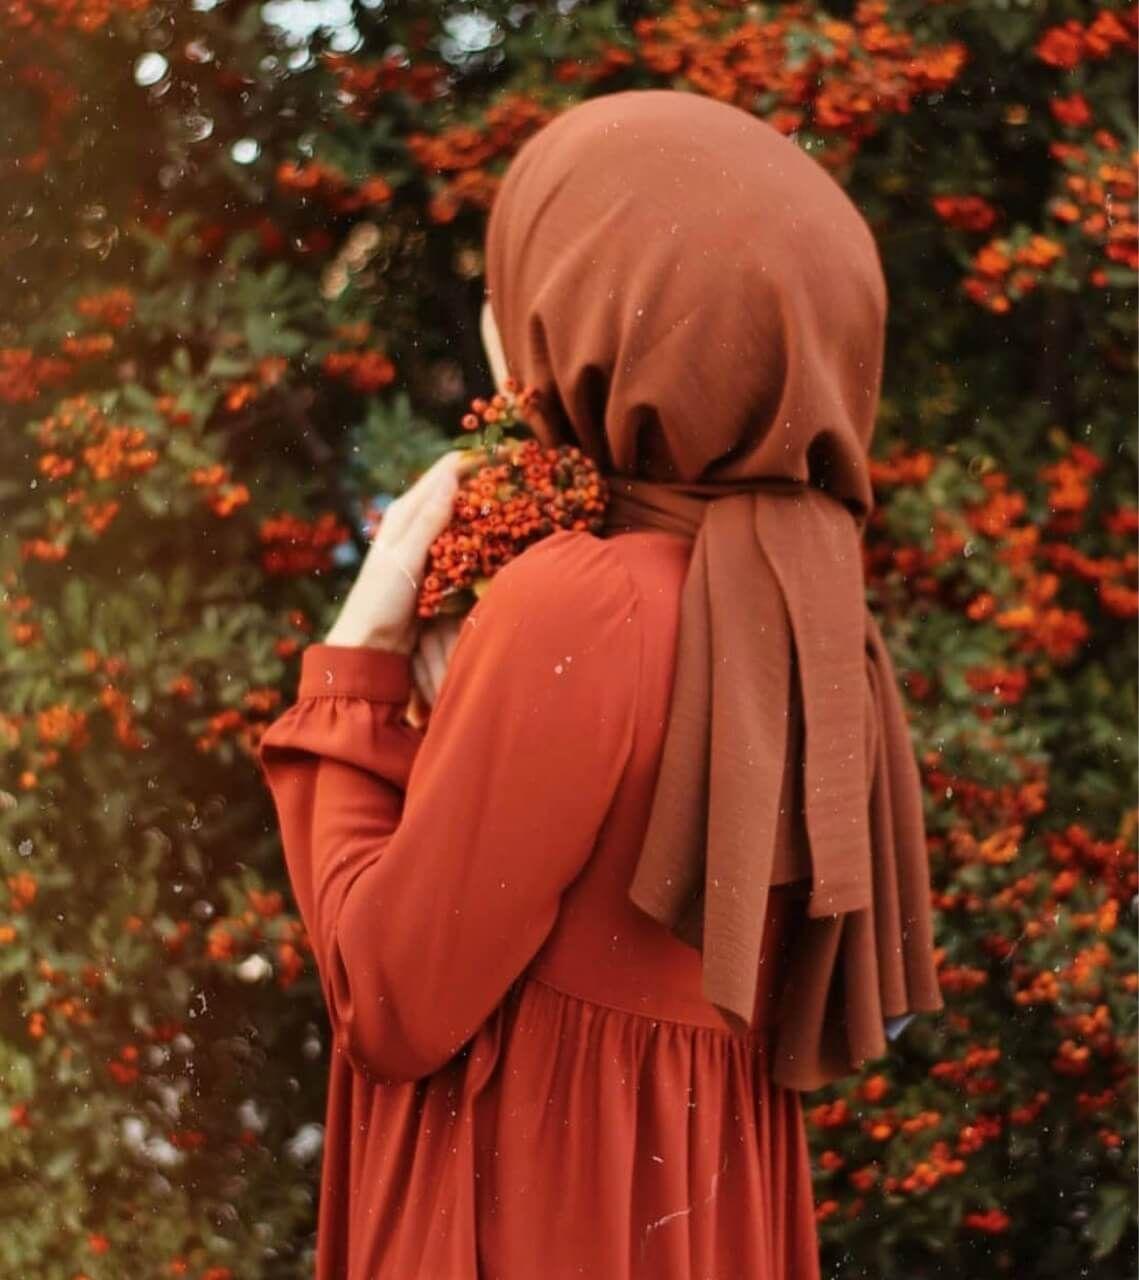 Bayanlar Icin Islami Profil Resimleri Islamic Profile Pictures For Women Moda Fotografciligi Musluman Turban Kizlar